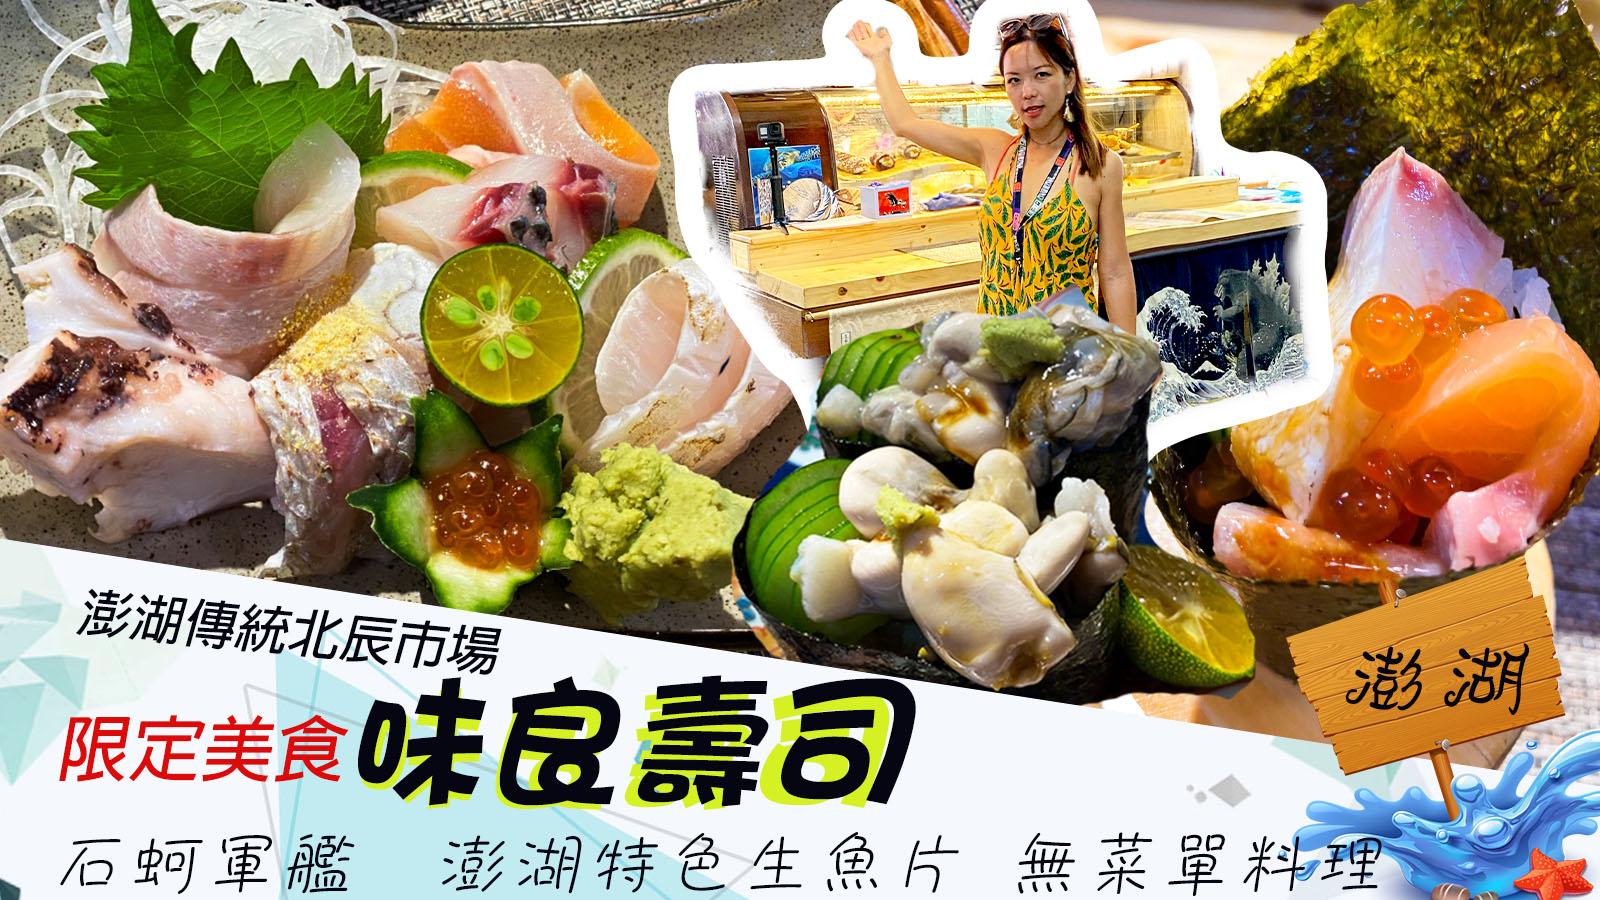 澎湖美食 ▪ 傳統北辰市場 隱藏美食 味良立吞壽司  石蚵軍艦